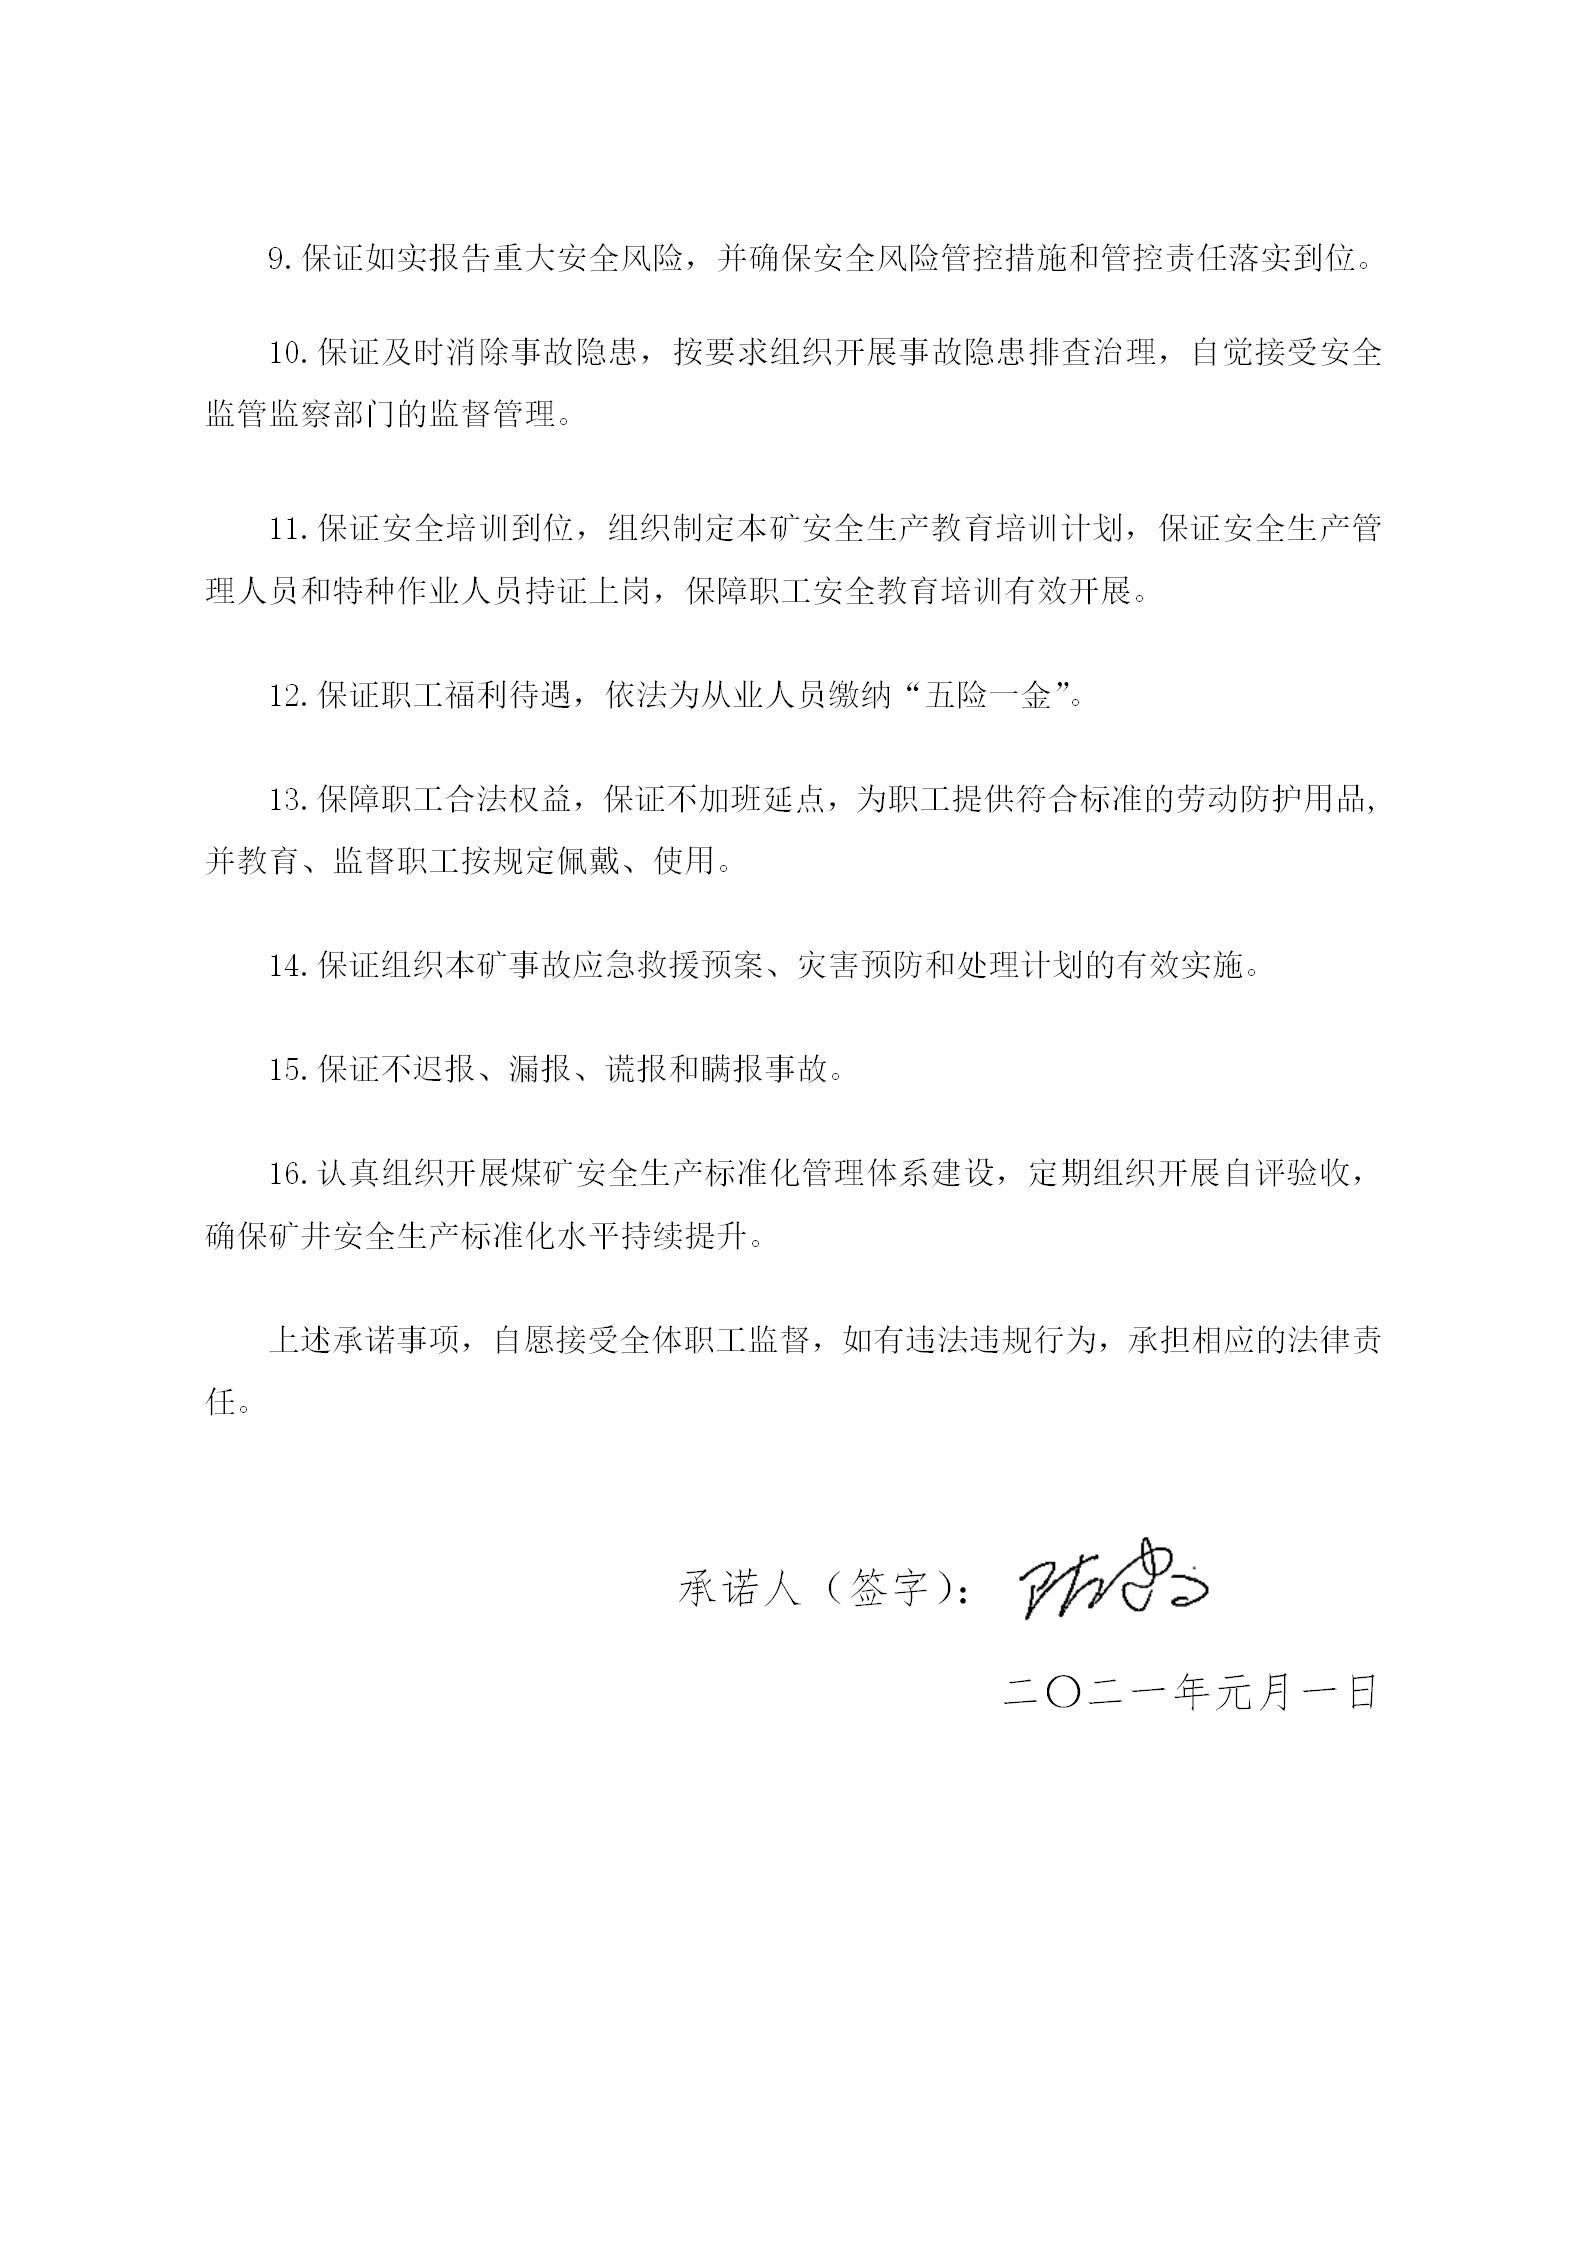 义桥煤矿矿长安全承诺书_02.jpg